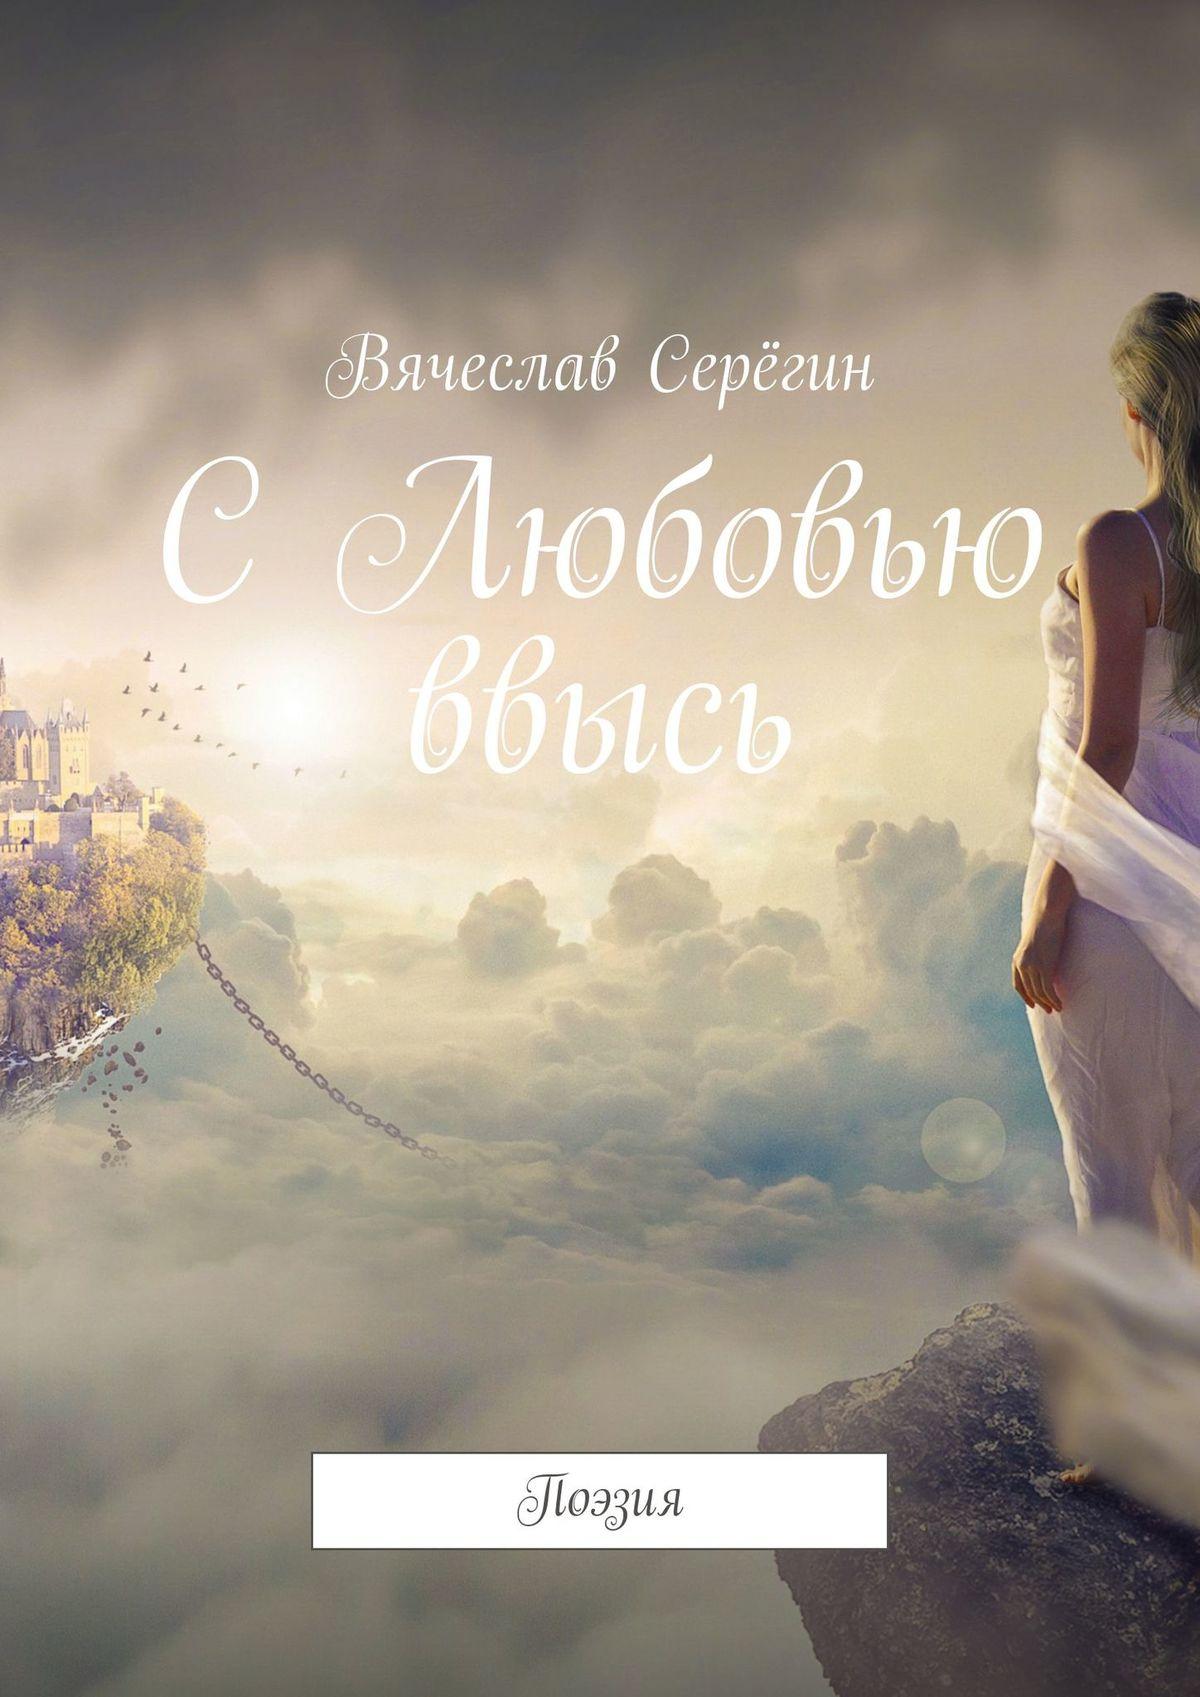 Вячеслав Викторович Серёгин СЛюбовью ввысь. Поэзия евгений кунгуров с любовью к женщине